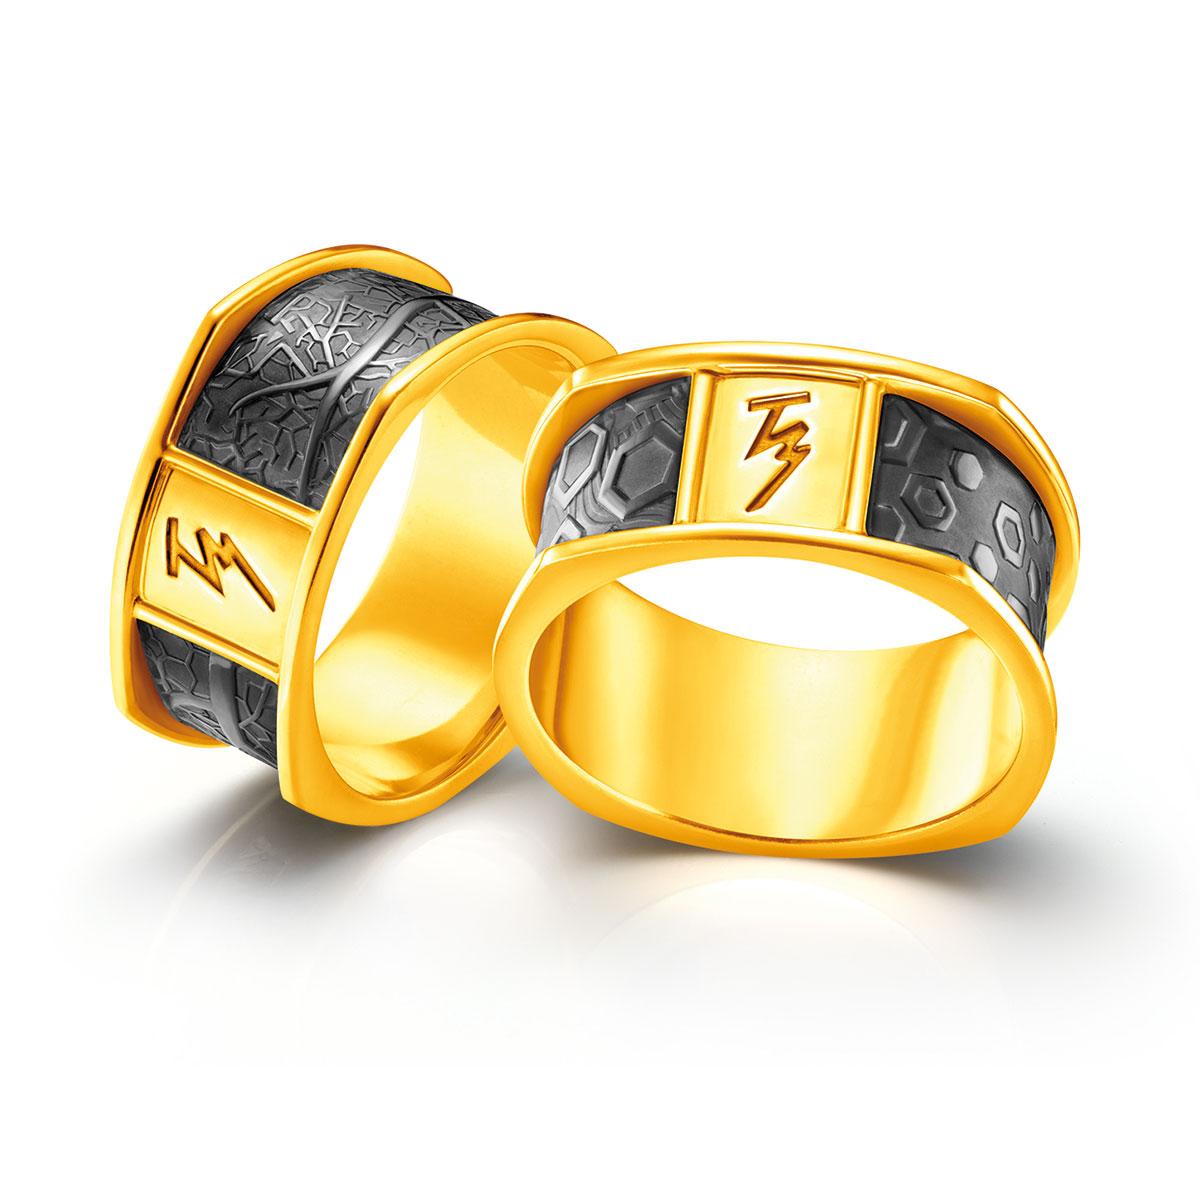 Beautiful Wedding Ring Cincin And Berlian Poh Kong Tiaria Eternity Tunangan Emas Tranz Duet 20r11758000